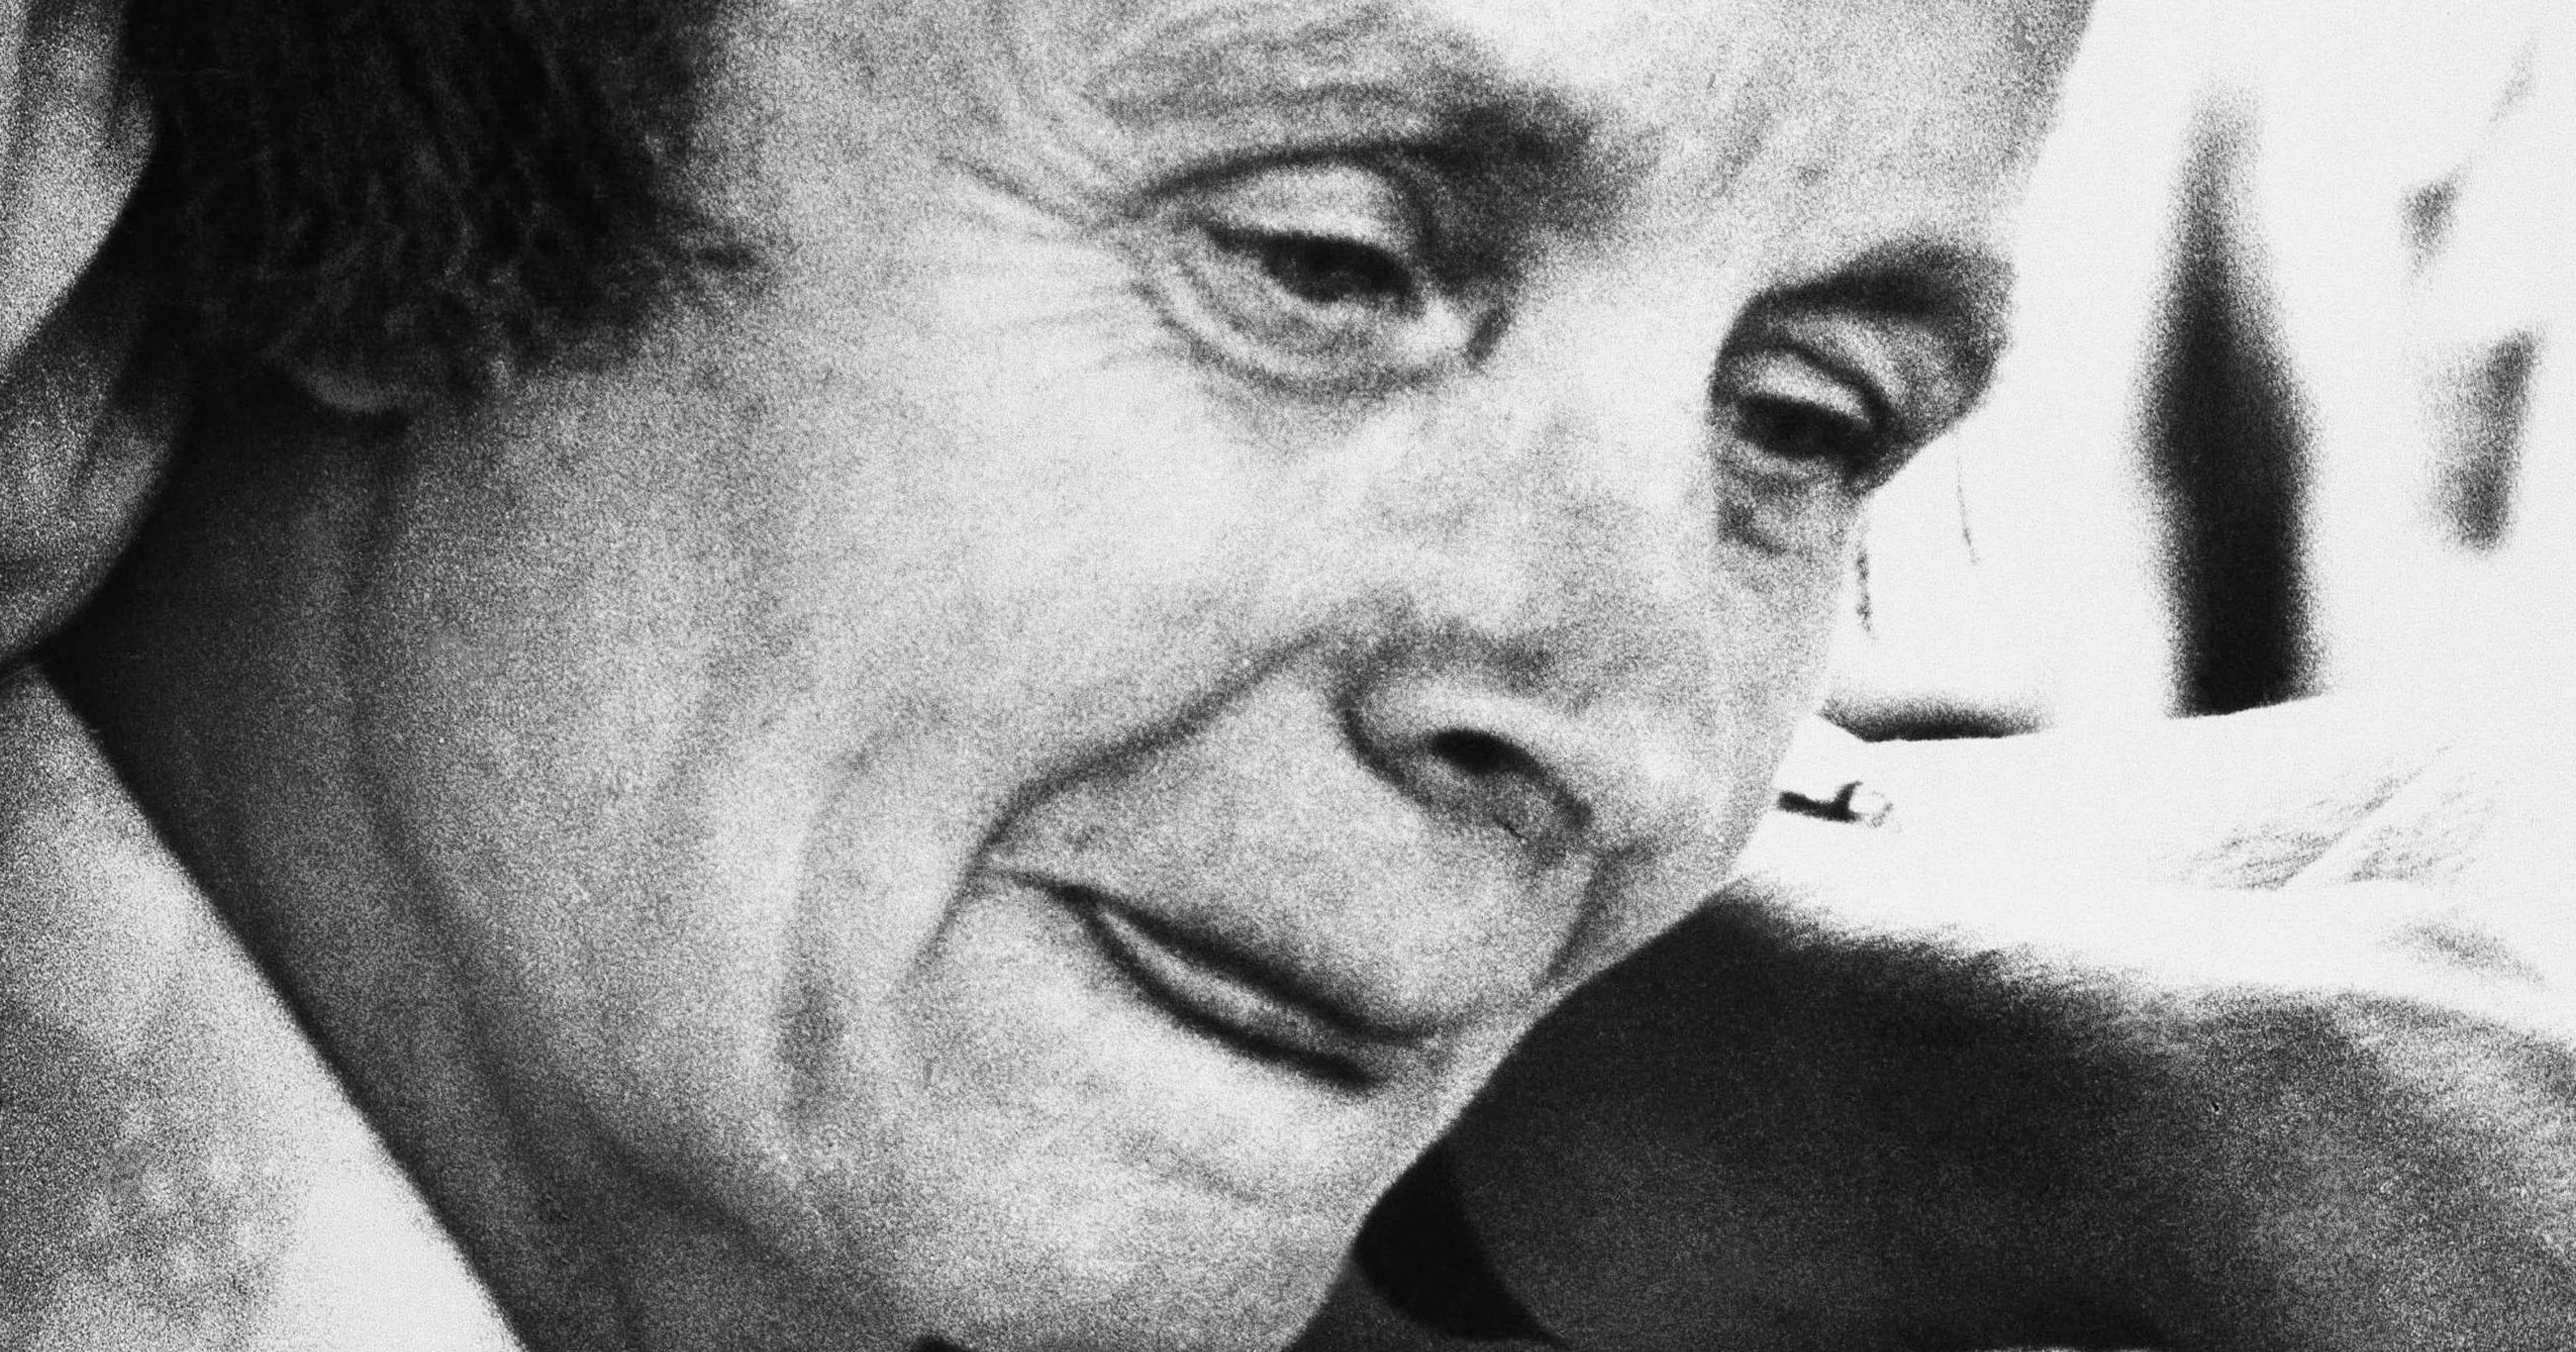 Mother of serial killer Ted Bundy dies in Washington